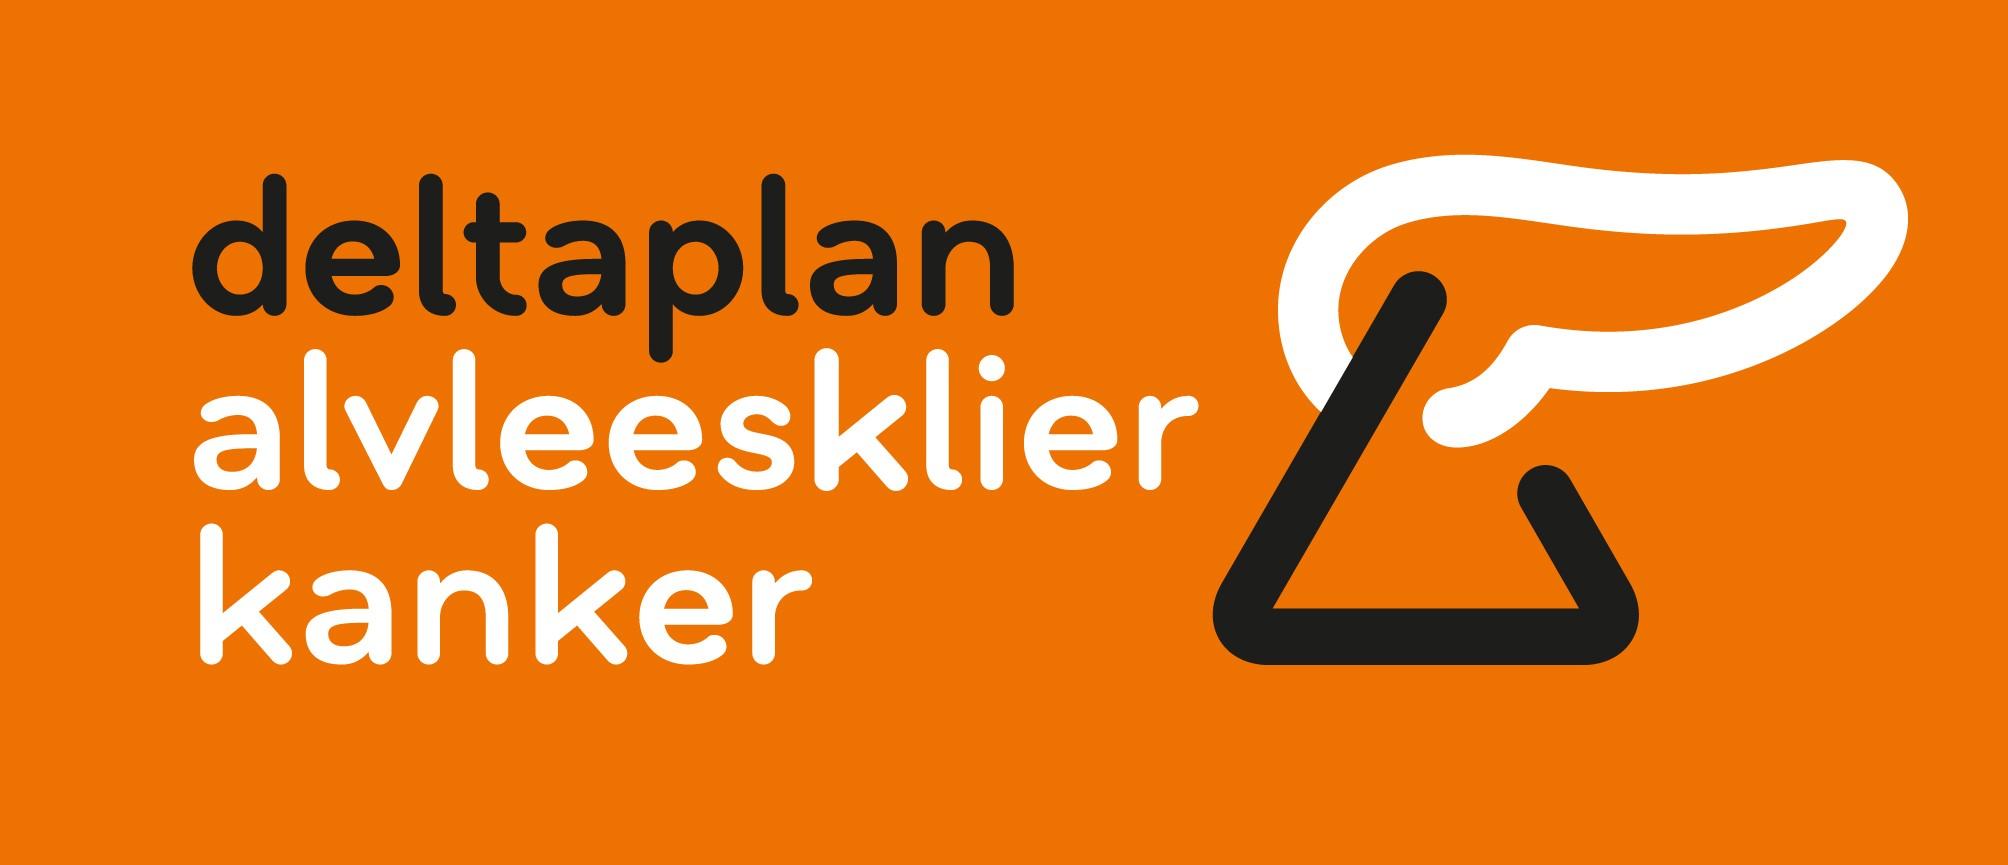 https://www.deltaplanalvleesklierkanker.nl/content/themes/mlds/dist/img/icons/dpak/logo_dpak.jpg